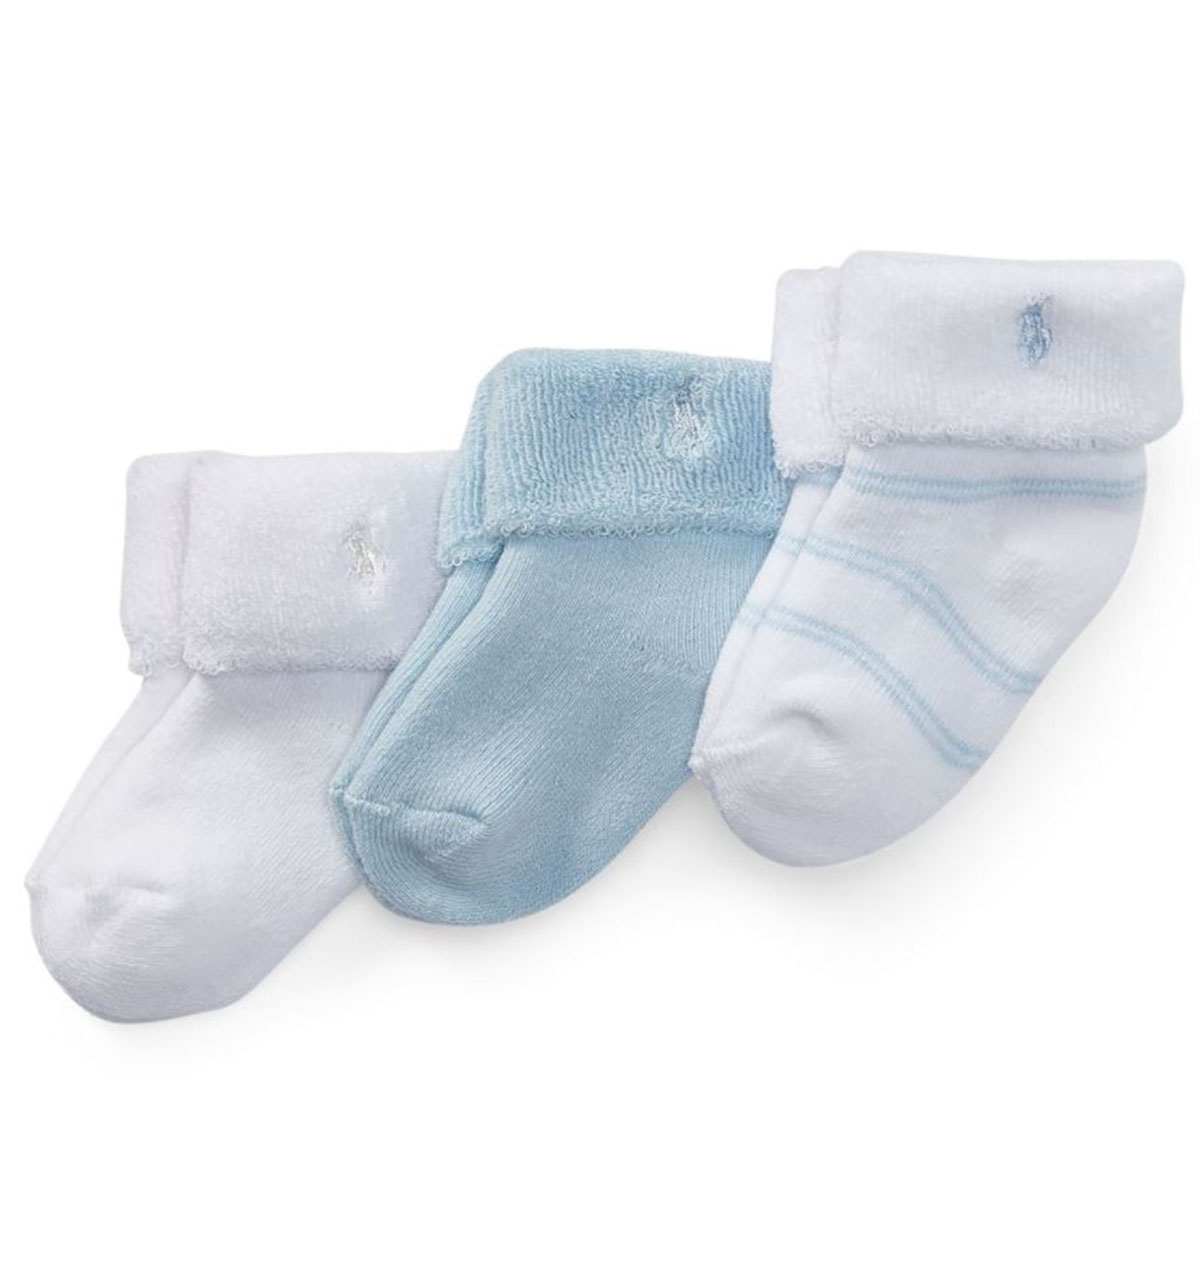 【ラルフローレン】ストライプテリーソックス(靴下)(3足セット)<6-12カ月>